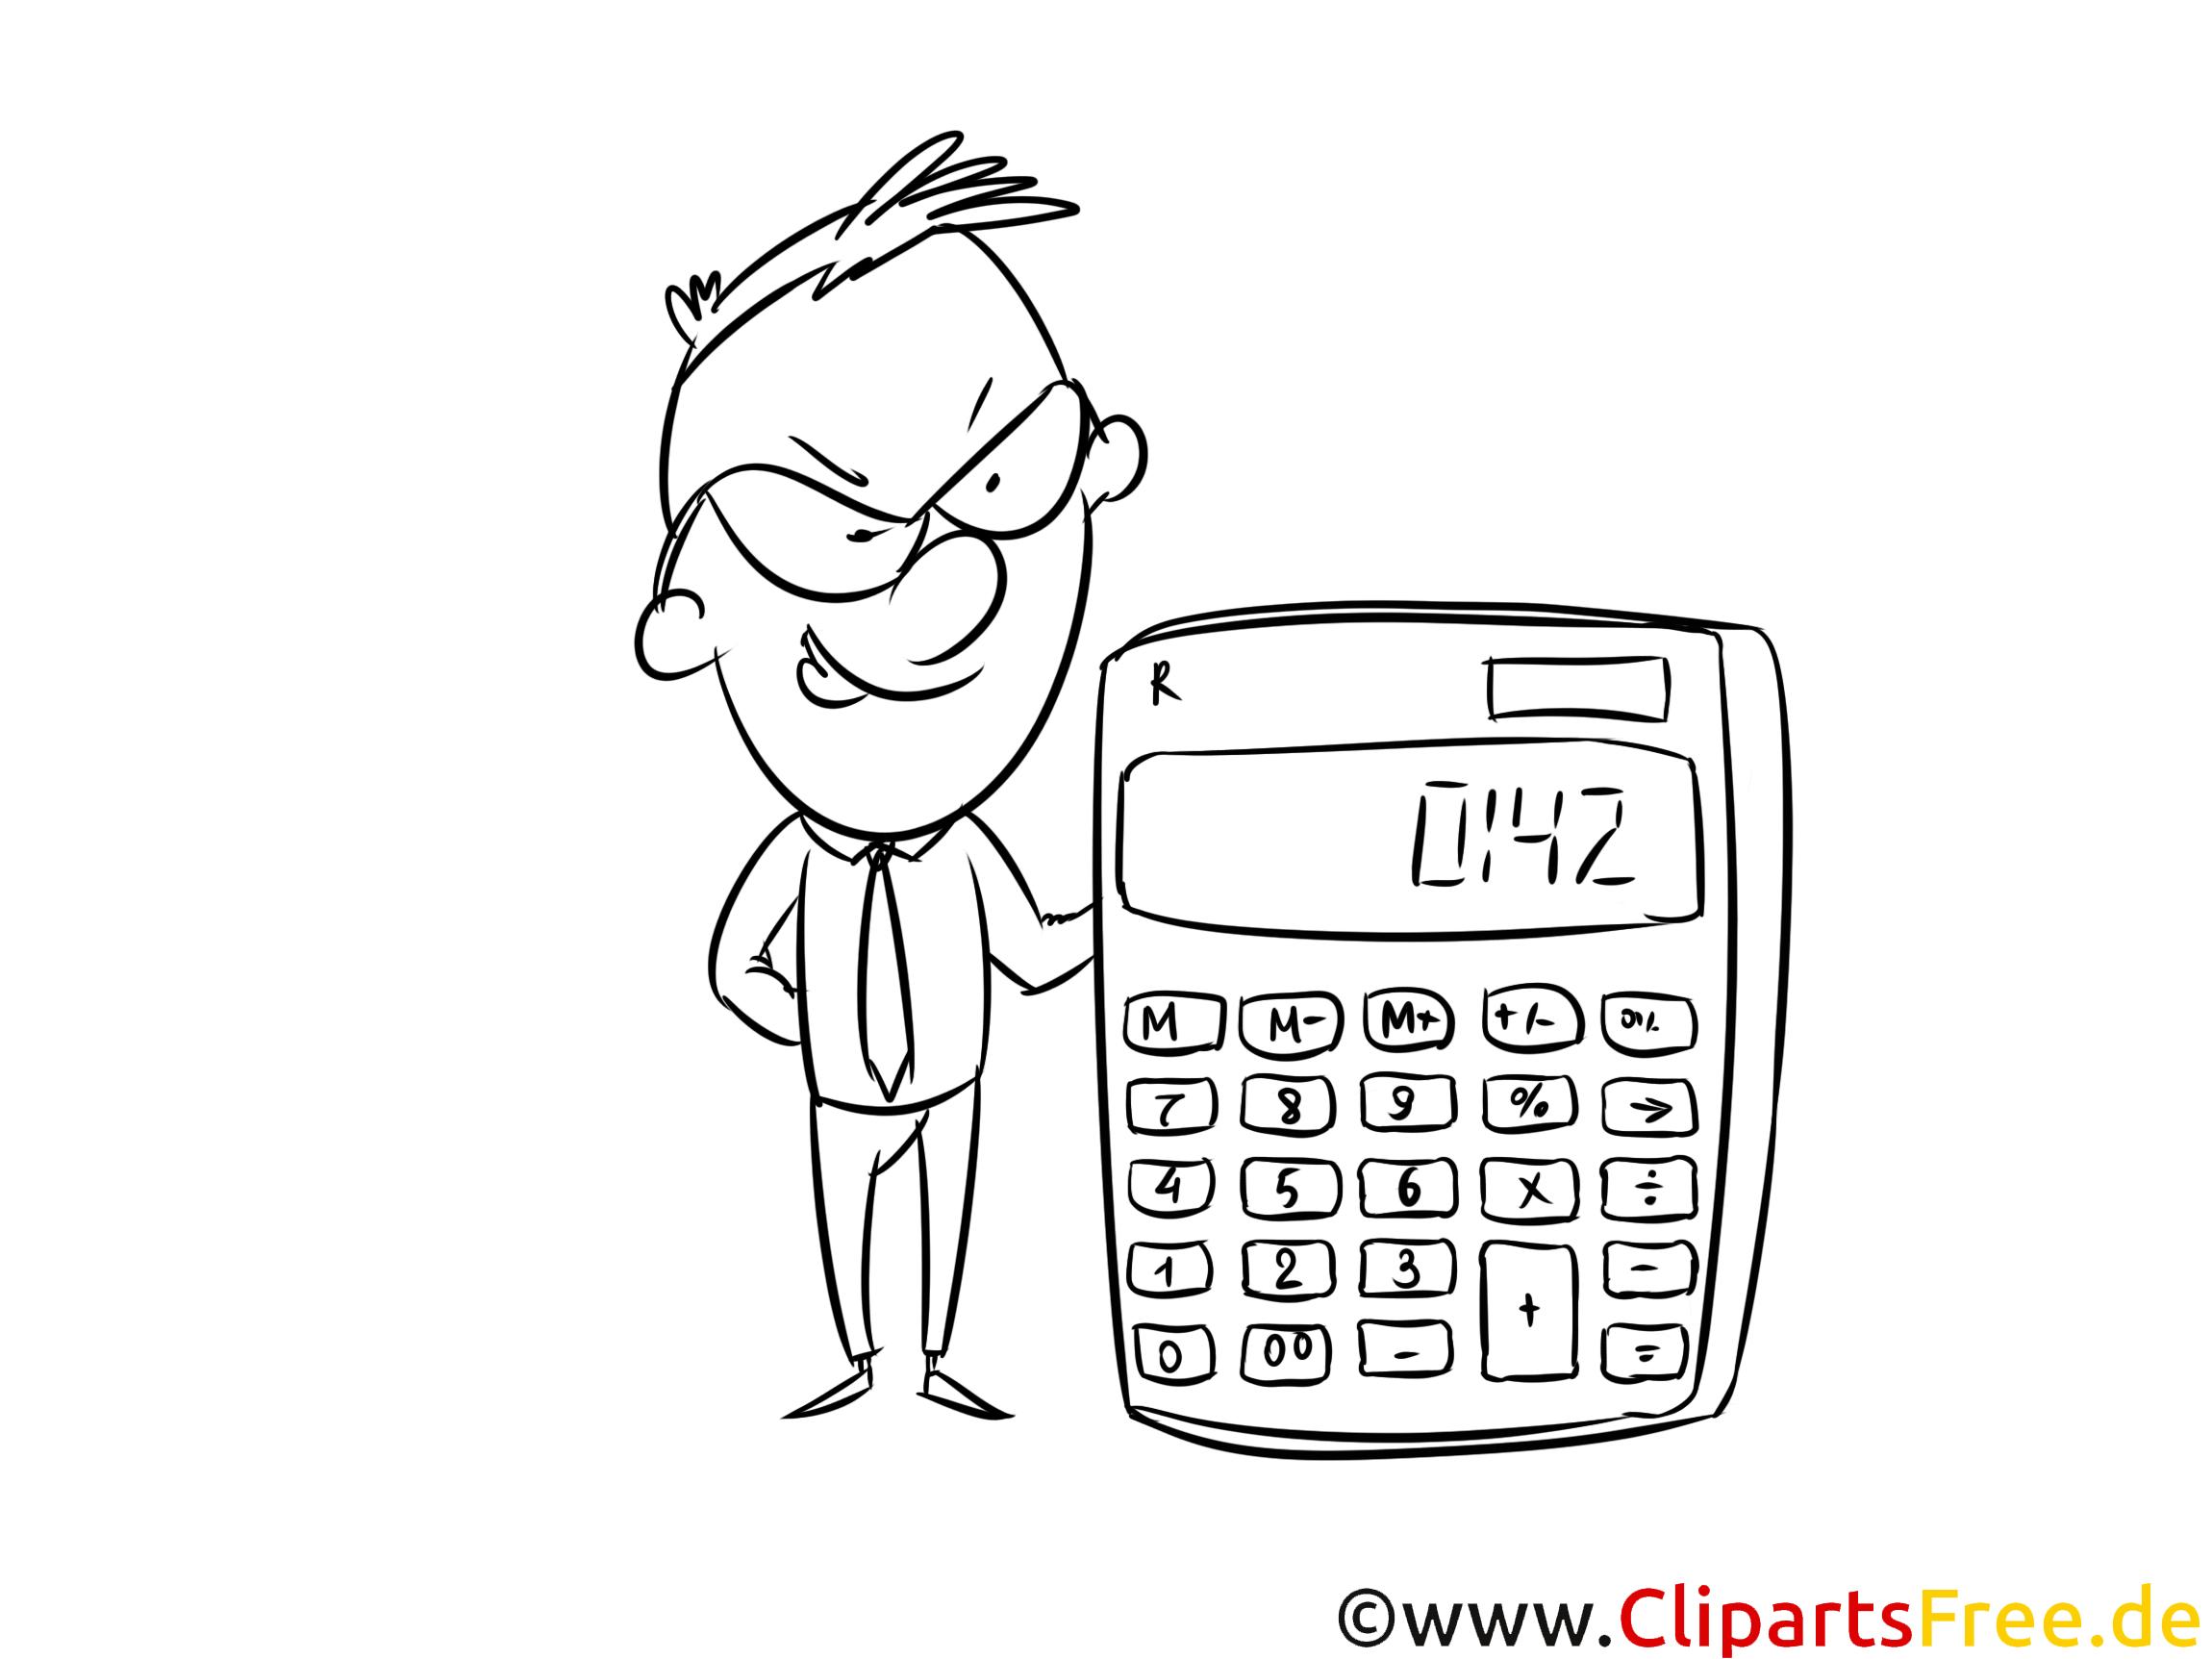 Malvorlage Mann mit Taschenrechner